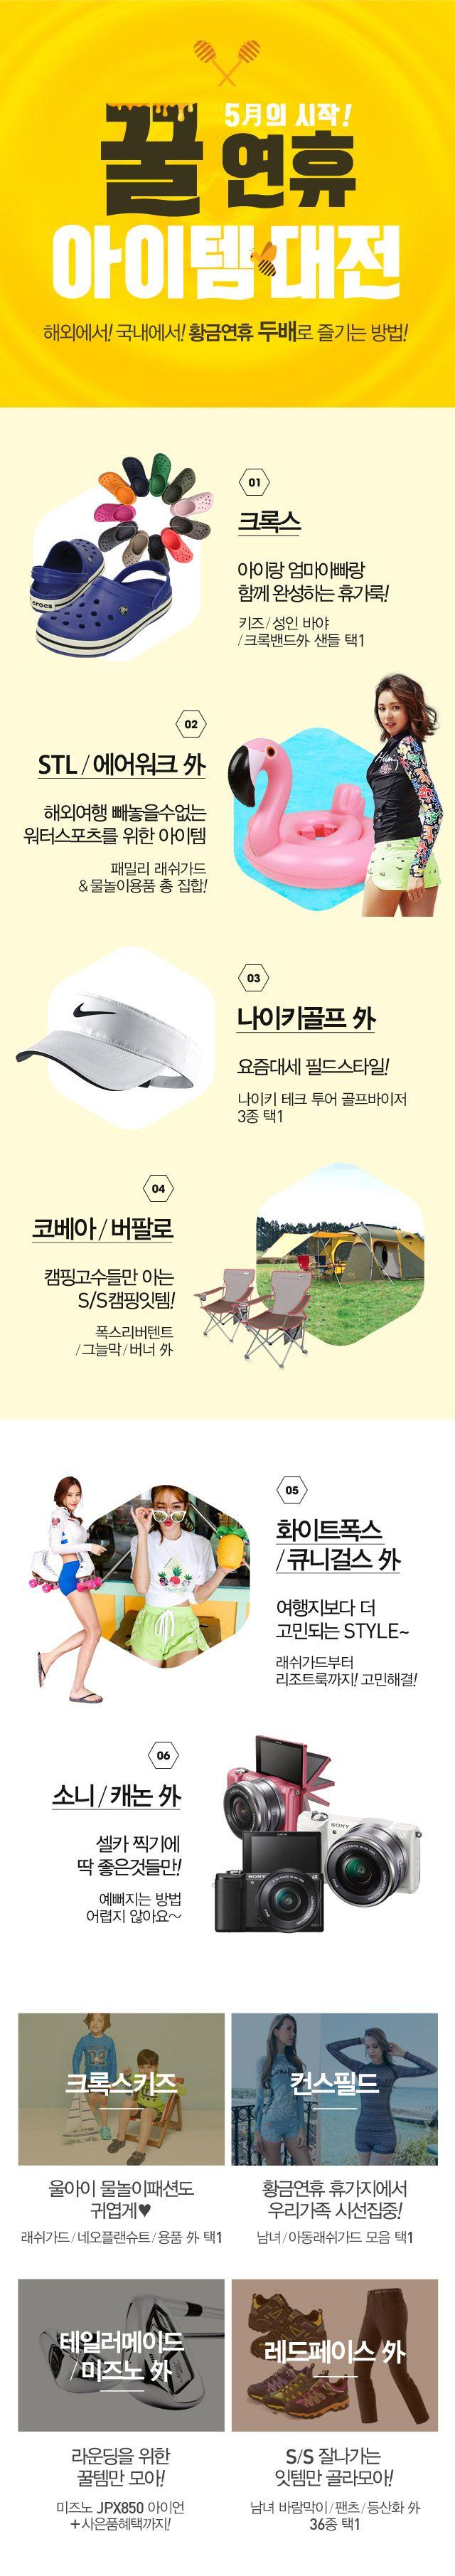 꿀연휴아이템대전_170417_Designed by 박세미(MO)